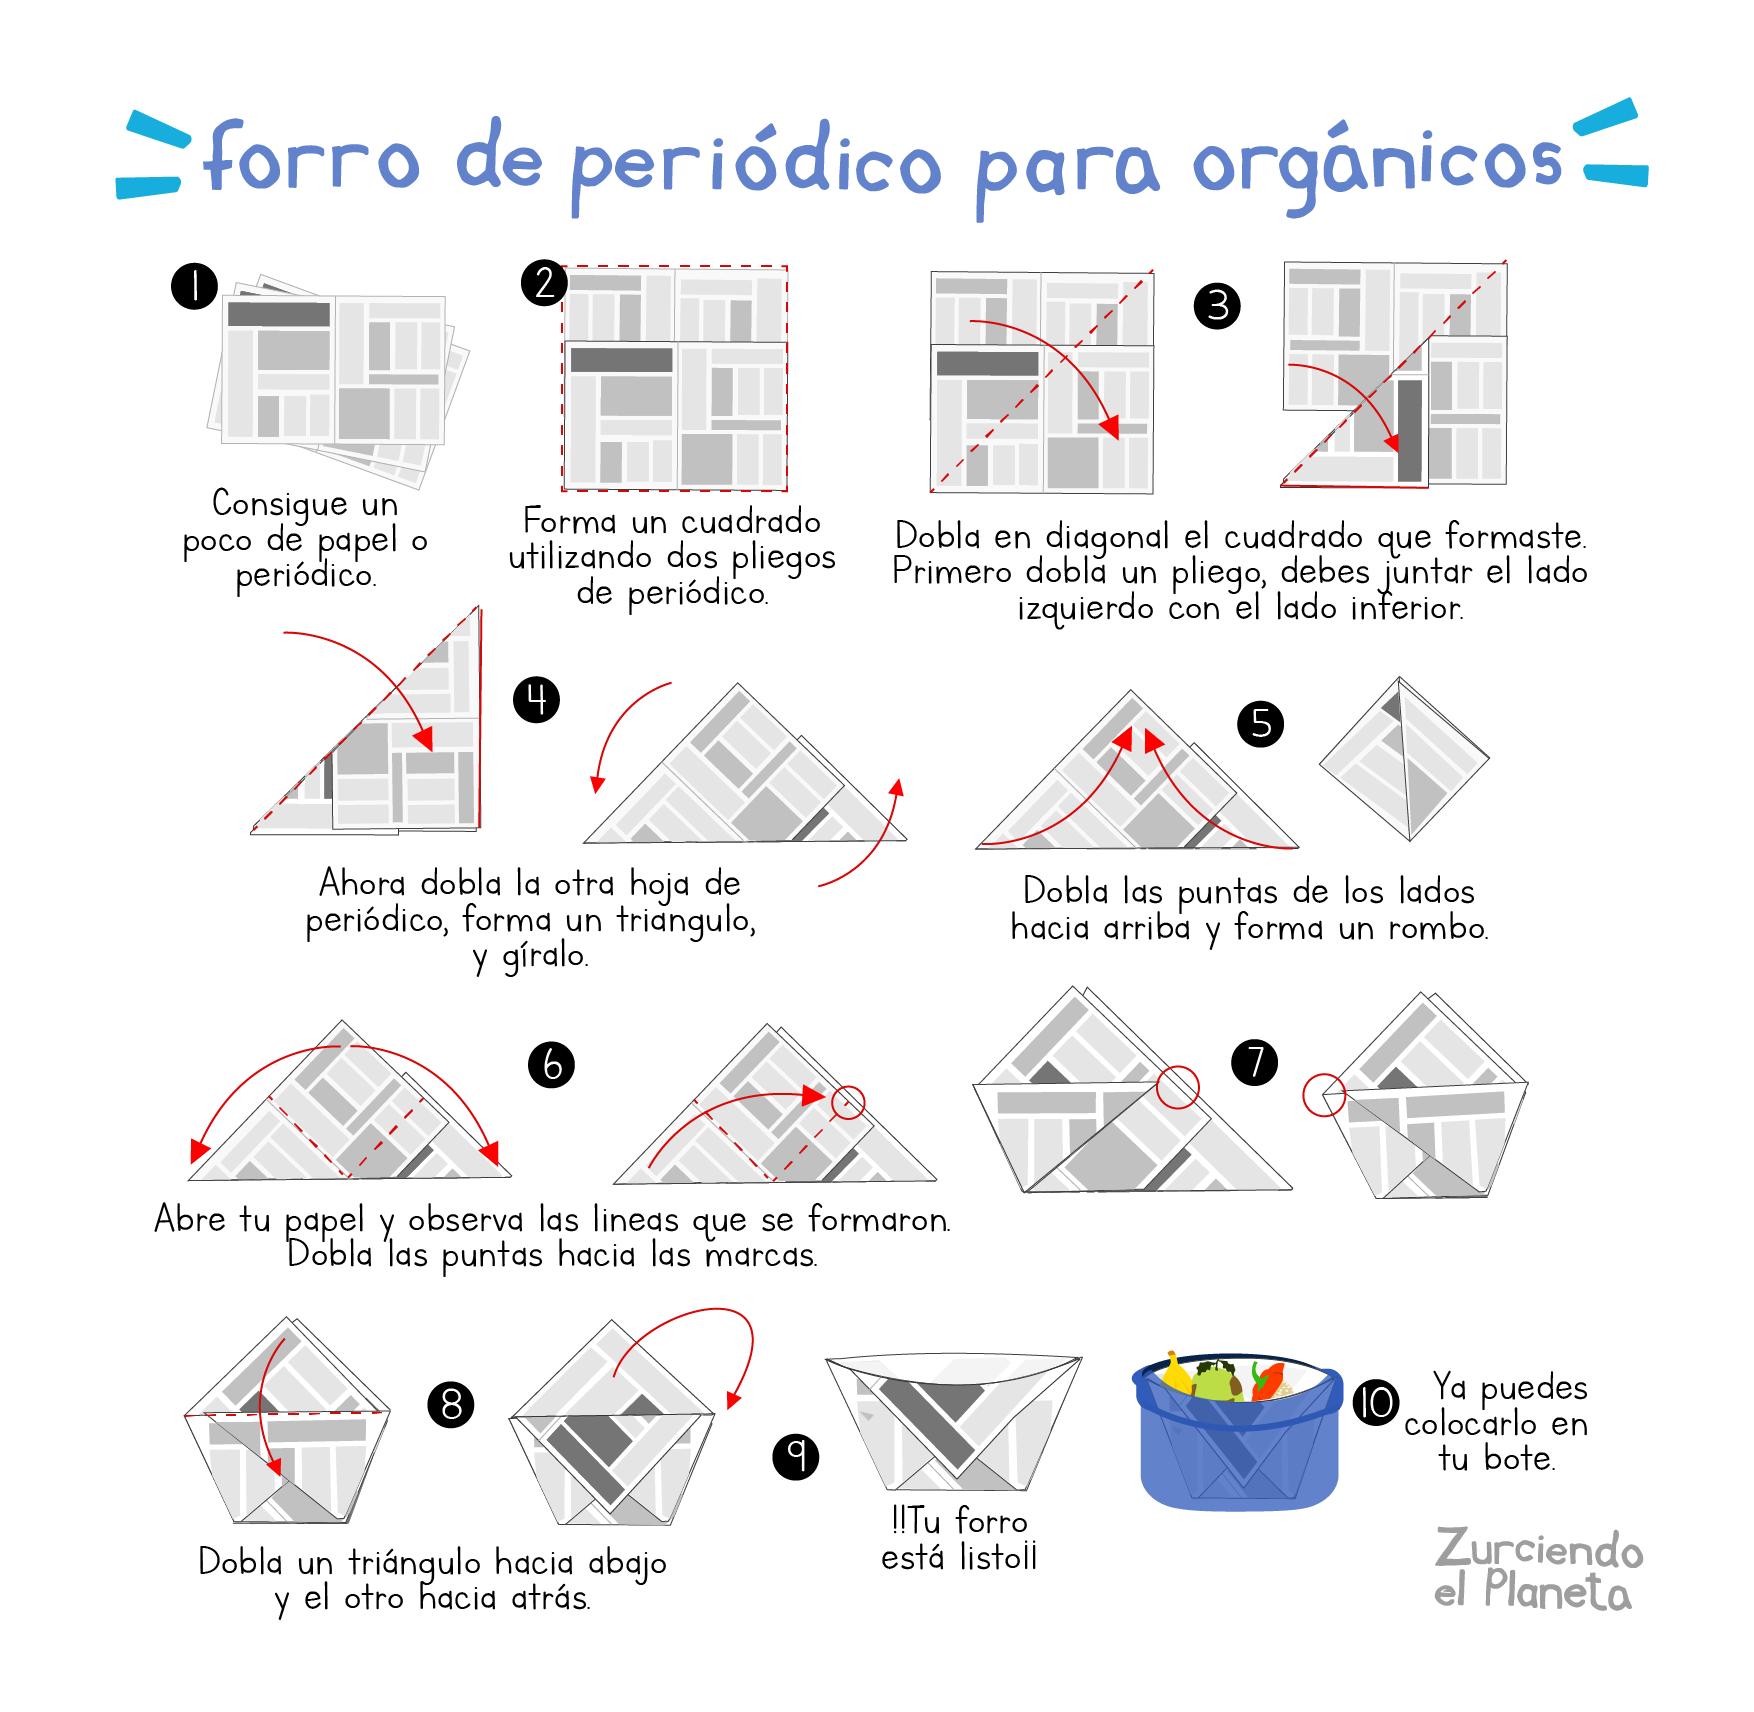 forro_organicos_con texto